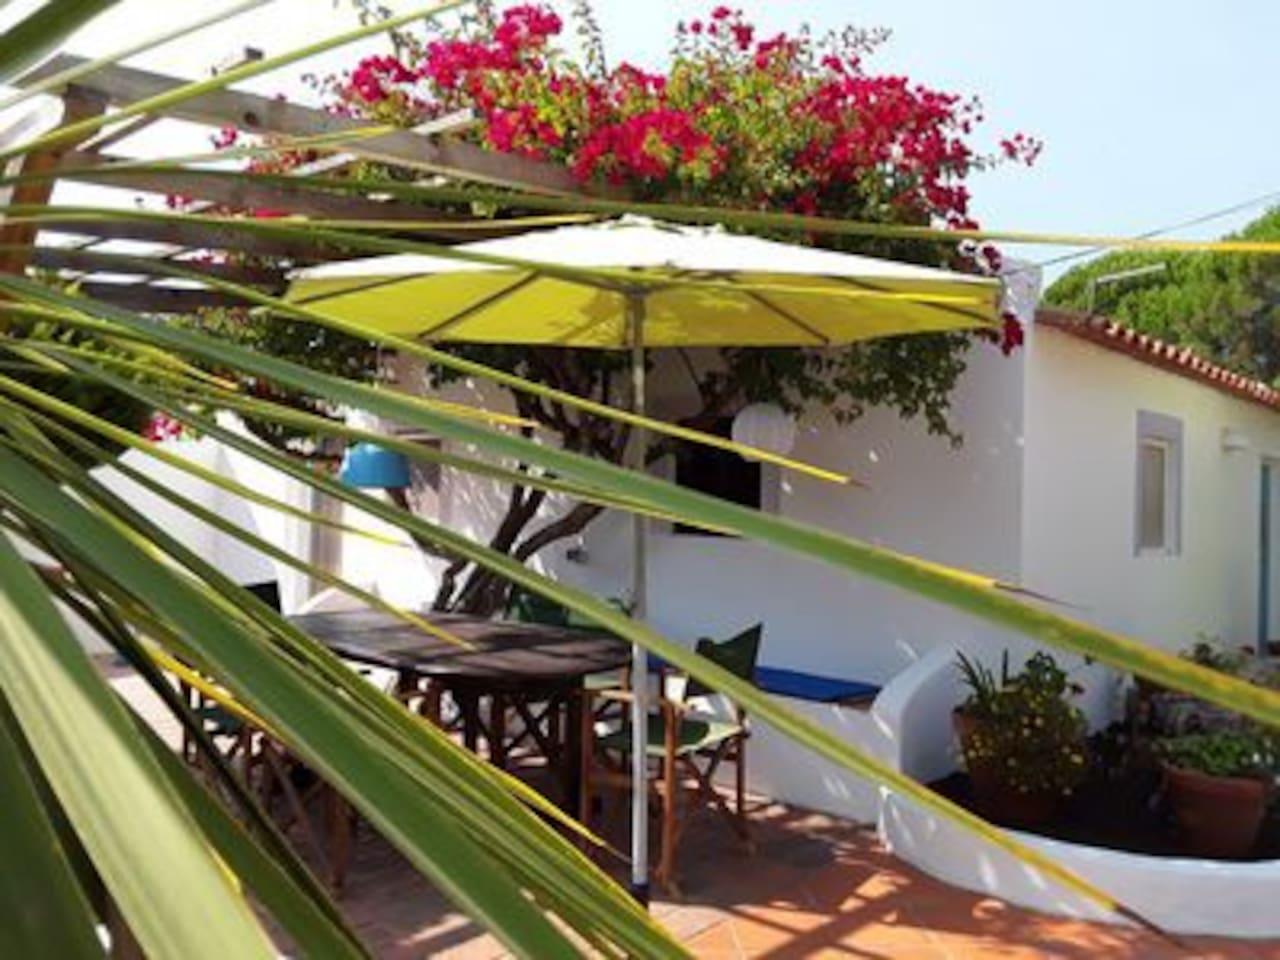 Private Chill Out House Buganvilia